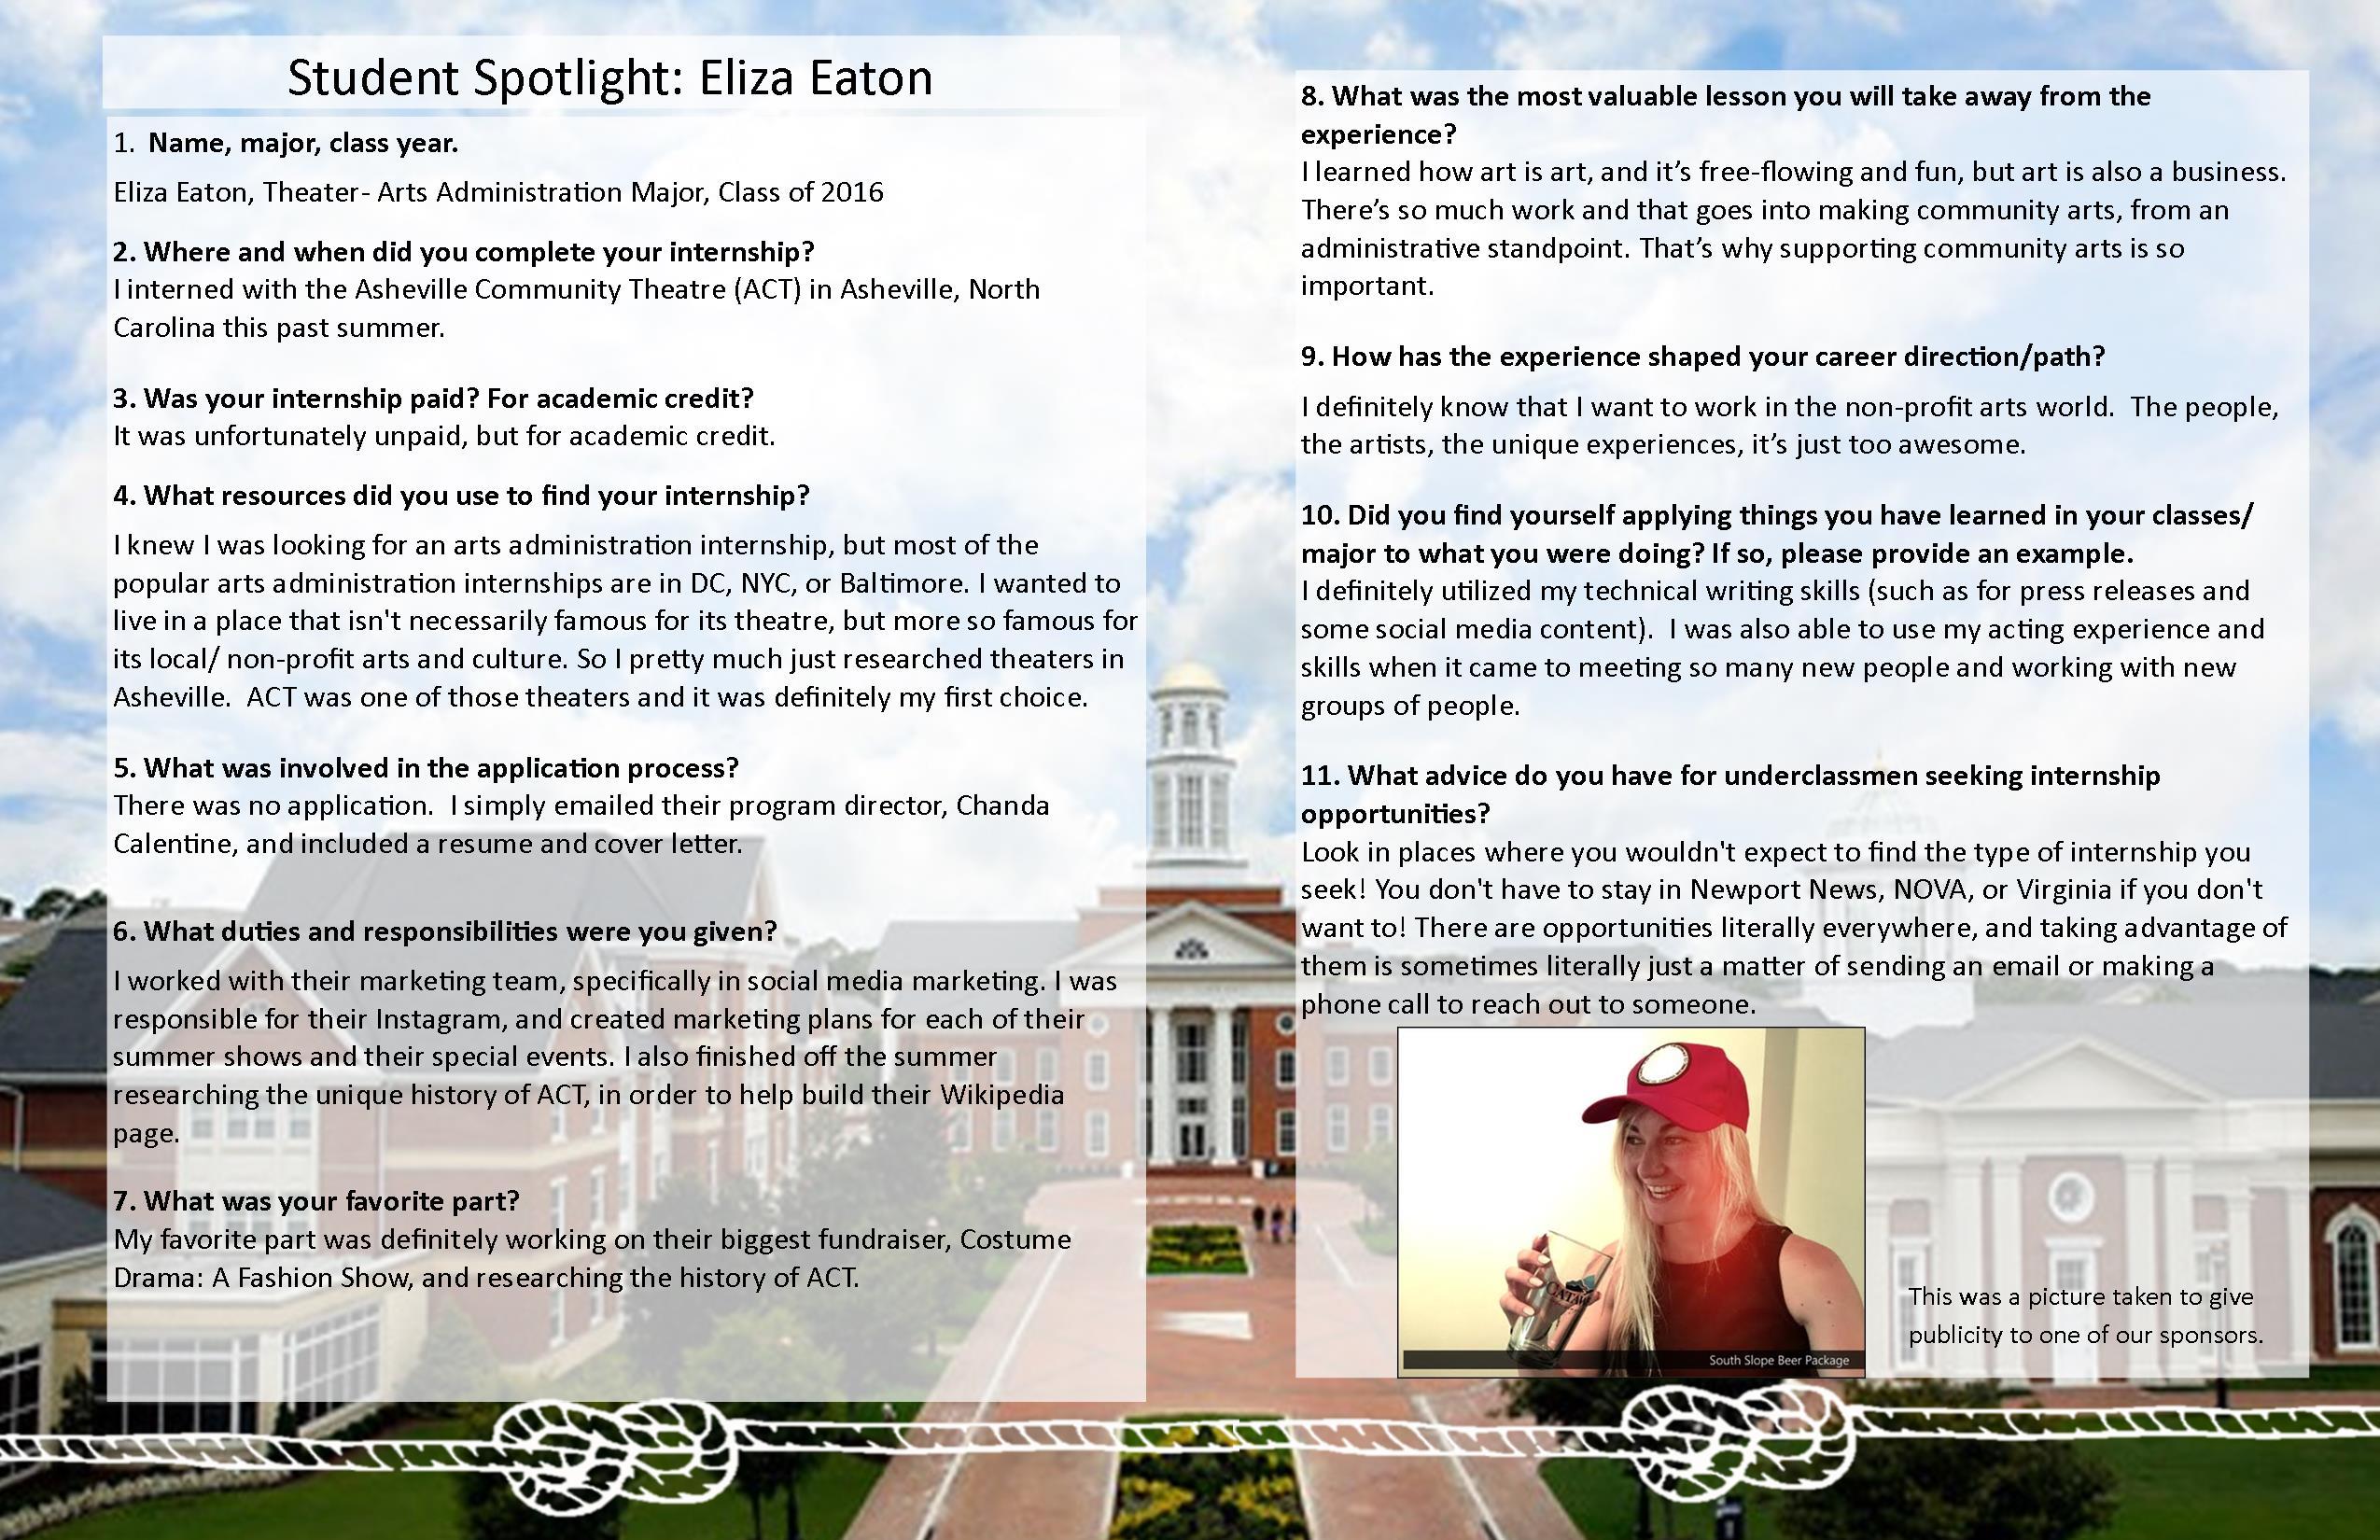 Eliza Eaton